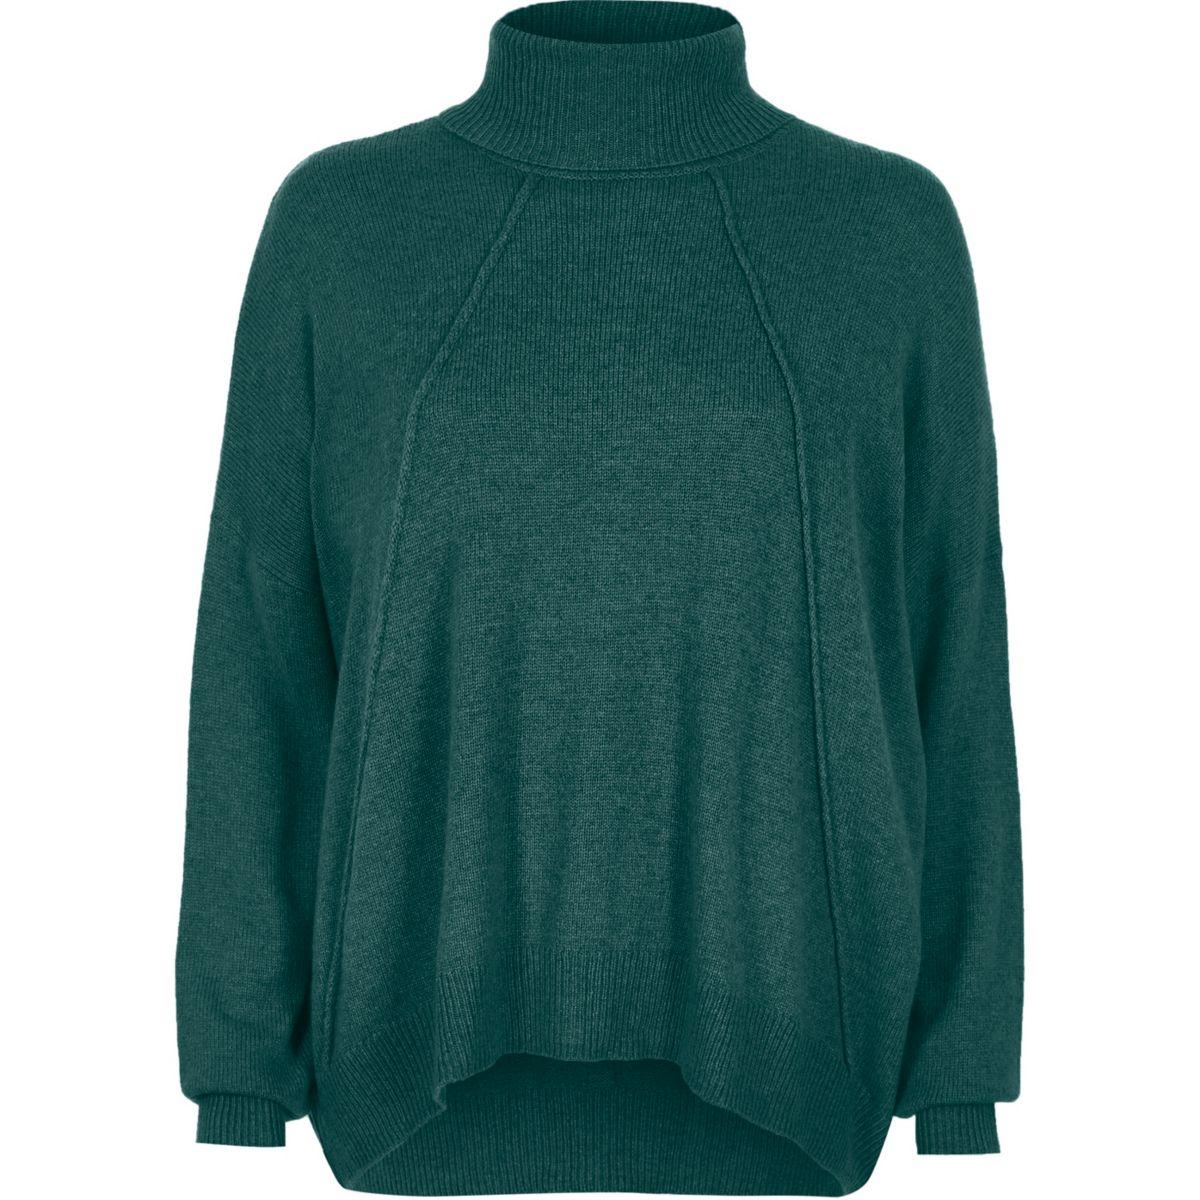 Green roll neck exposed seam jumper